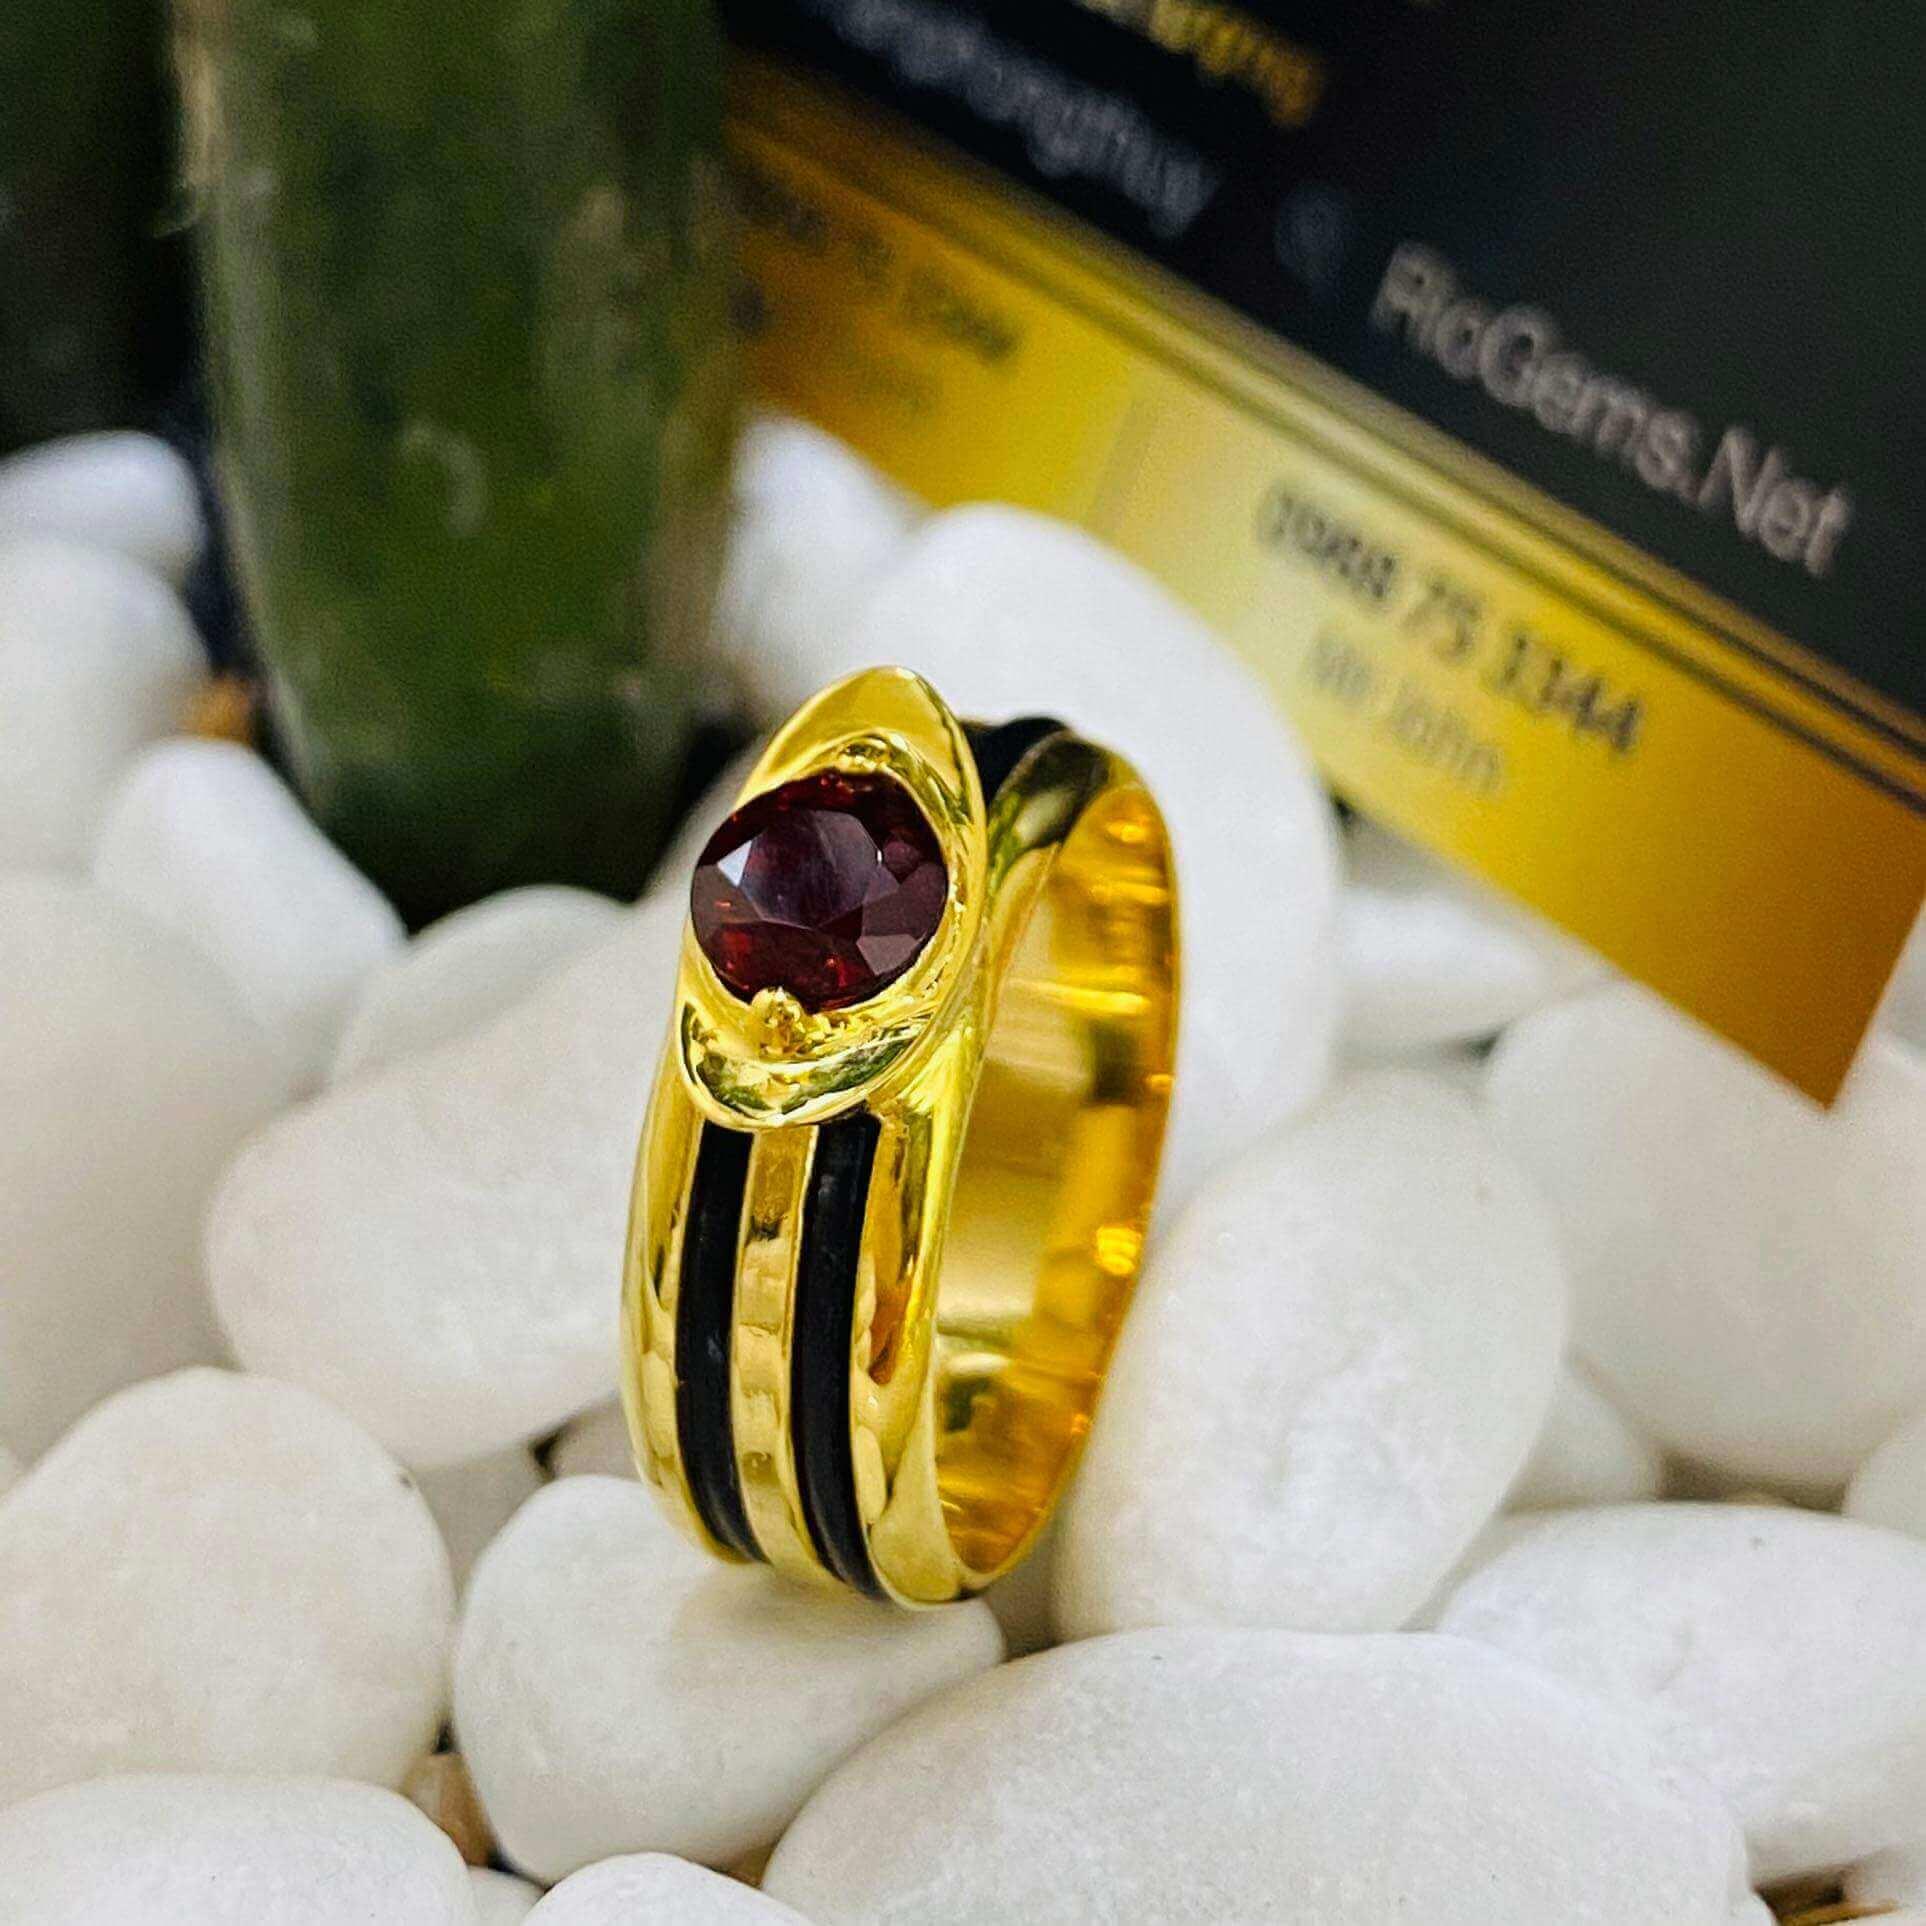 Nhẫn thỏi vàng mặt đá Garnet luồng 2 sợi lông voi gia công tỉ mỉ